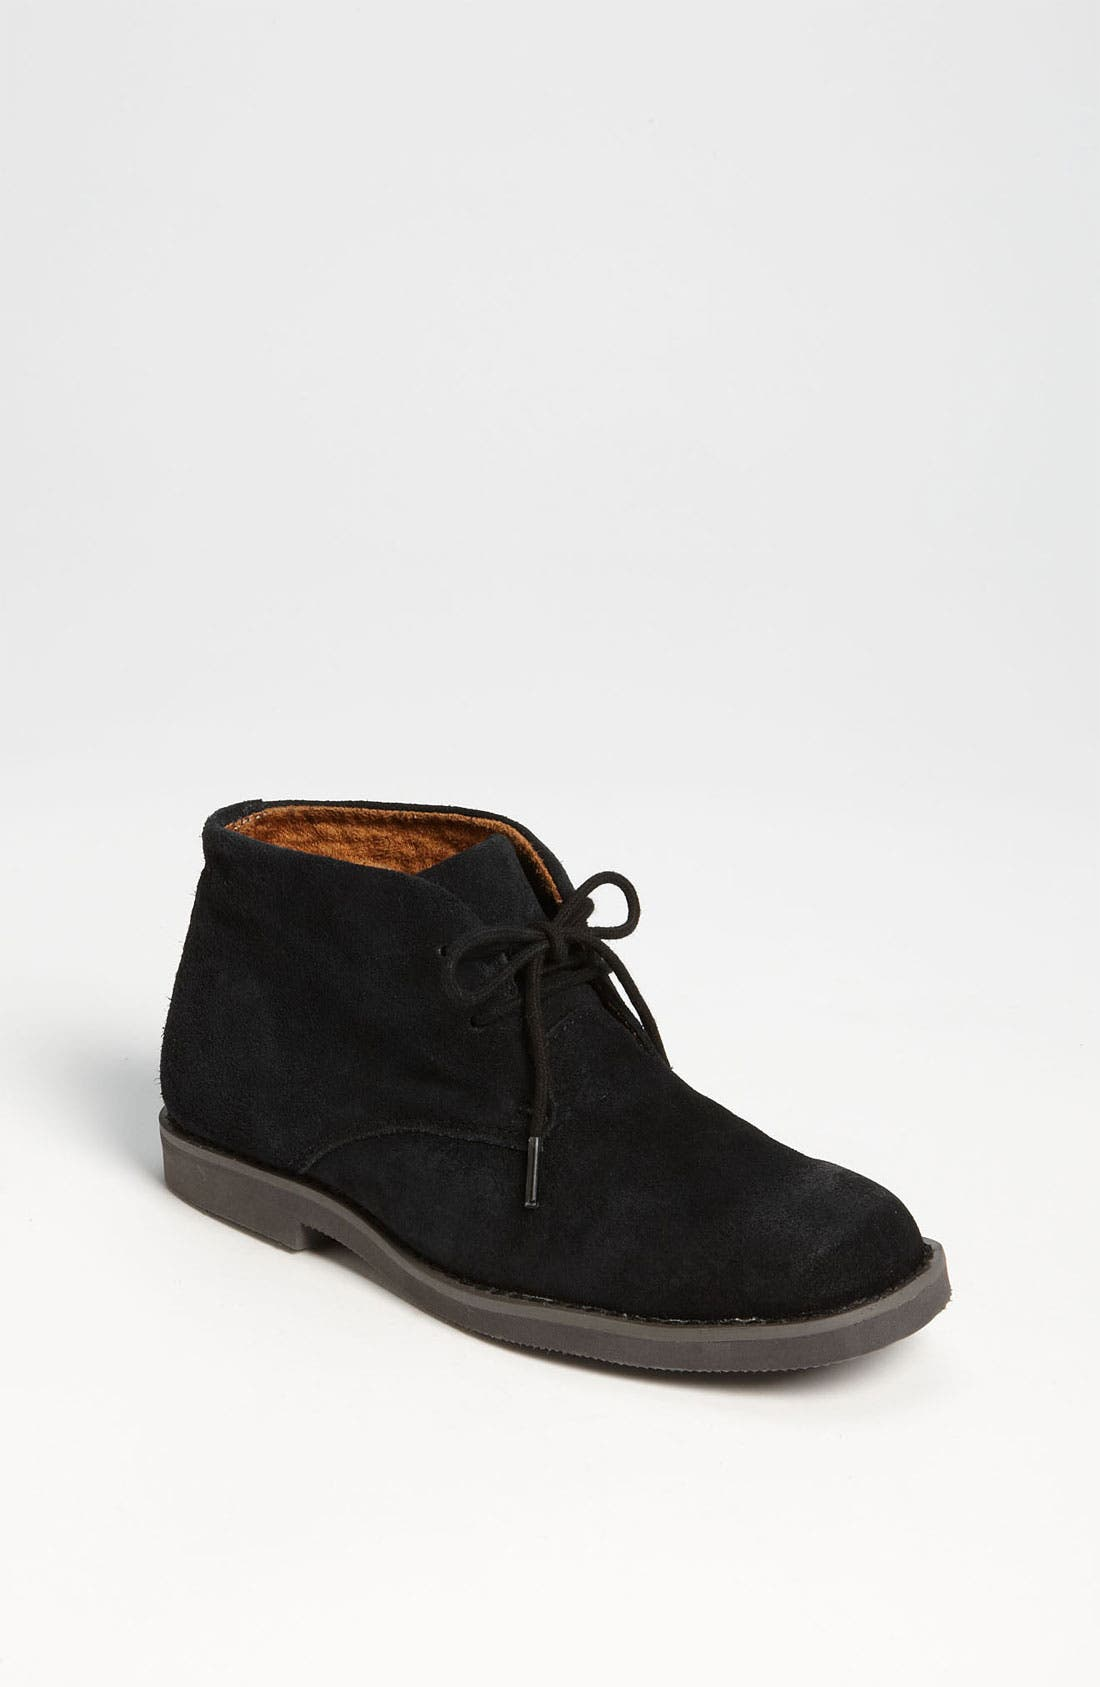 'Quinlan' Chukka Boot,                             Main thumbnail 1, color,                             001